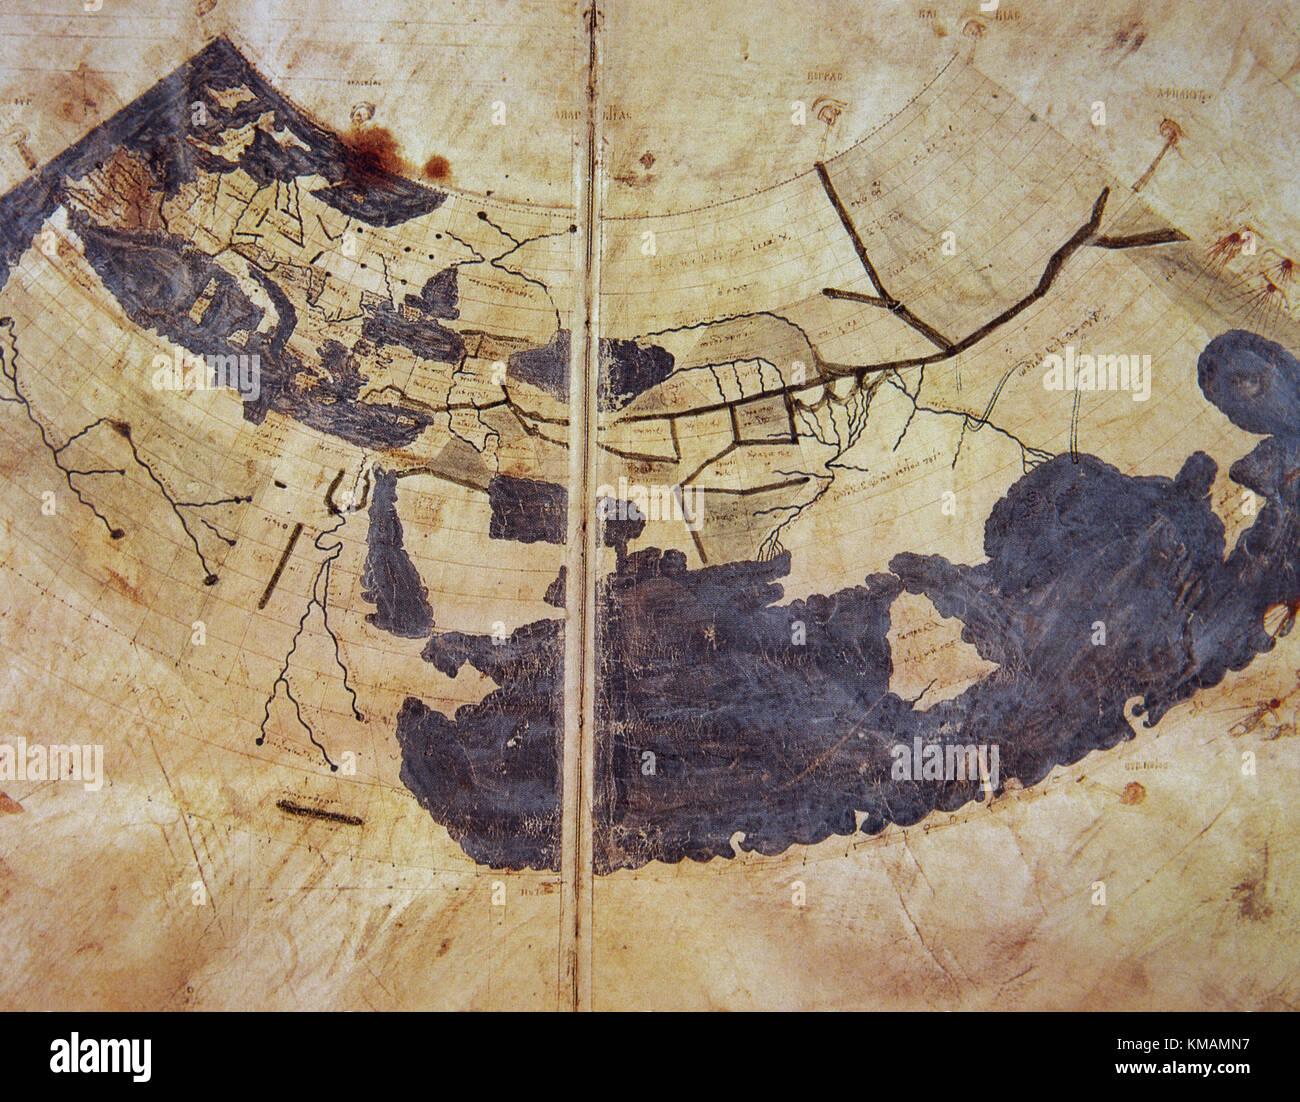 15. jahrhundert Manuskript kopieren von Ptolemäus Weltkarte, von Ptolemäus Geographie rekonstituiert, Stockbild